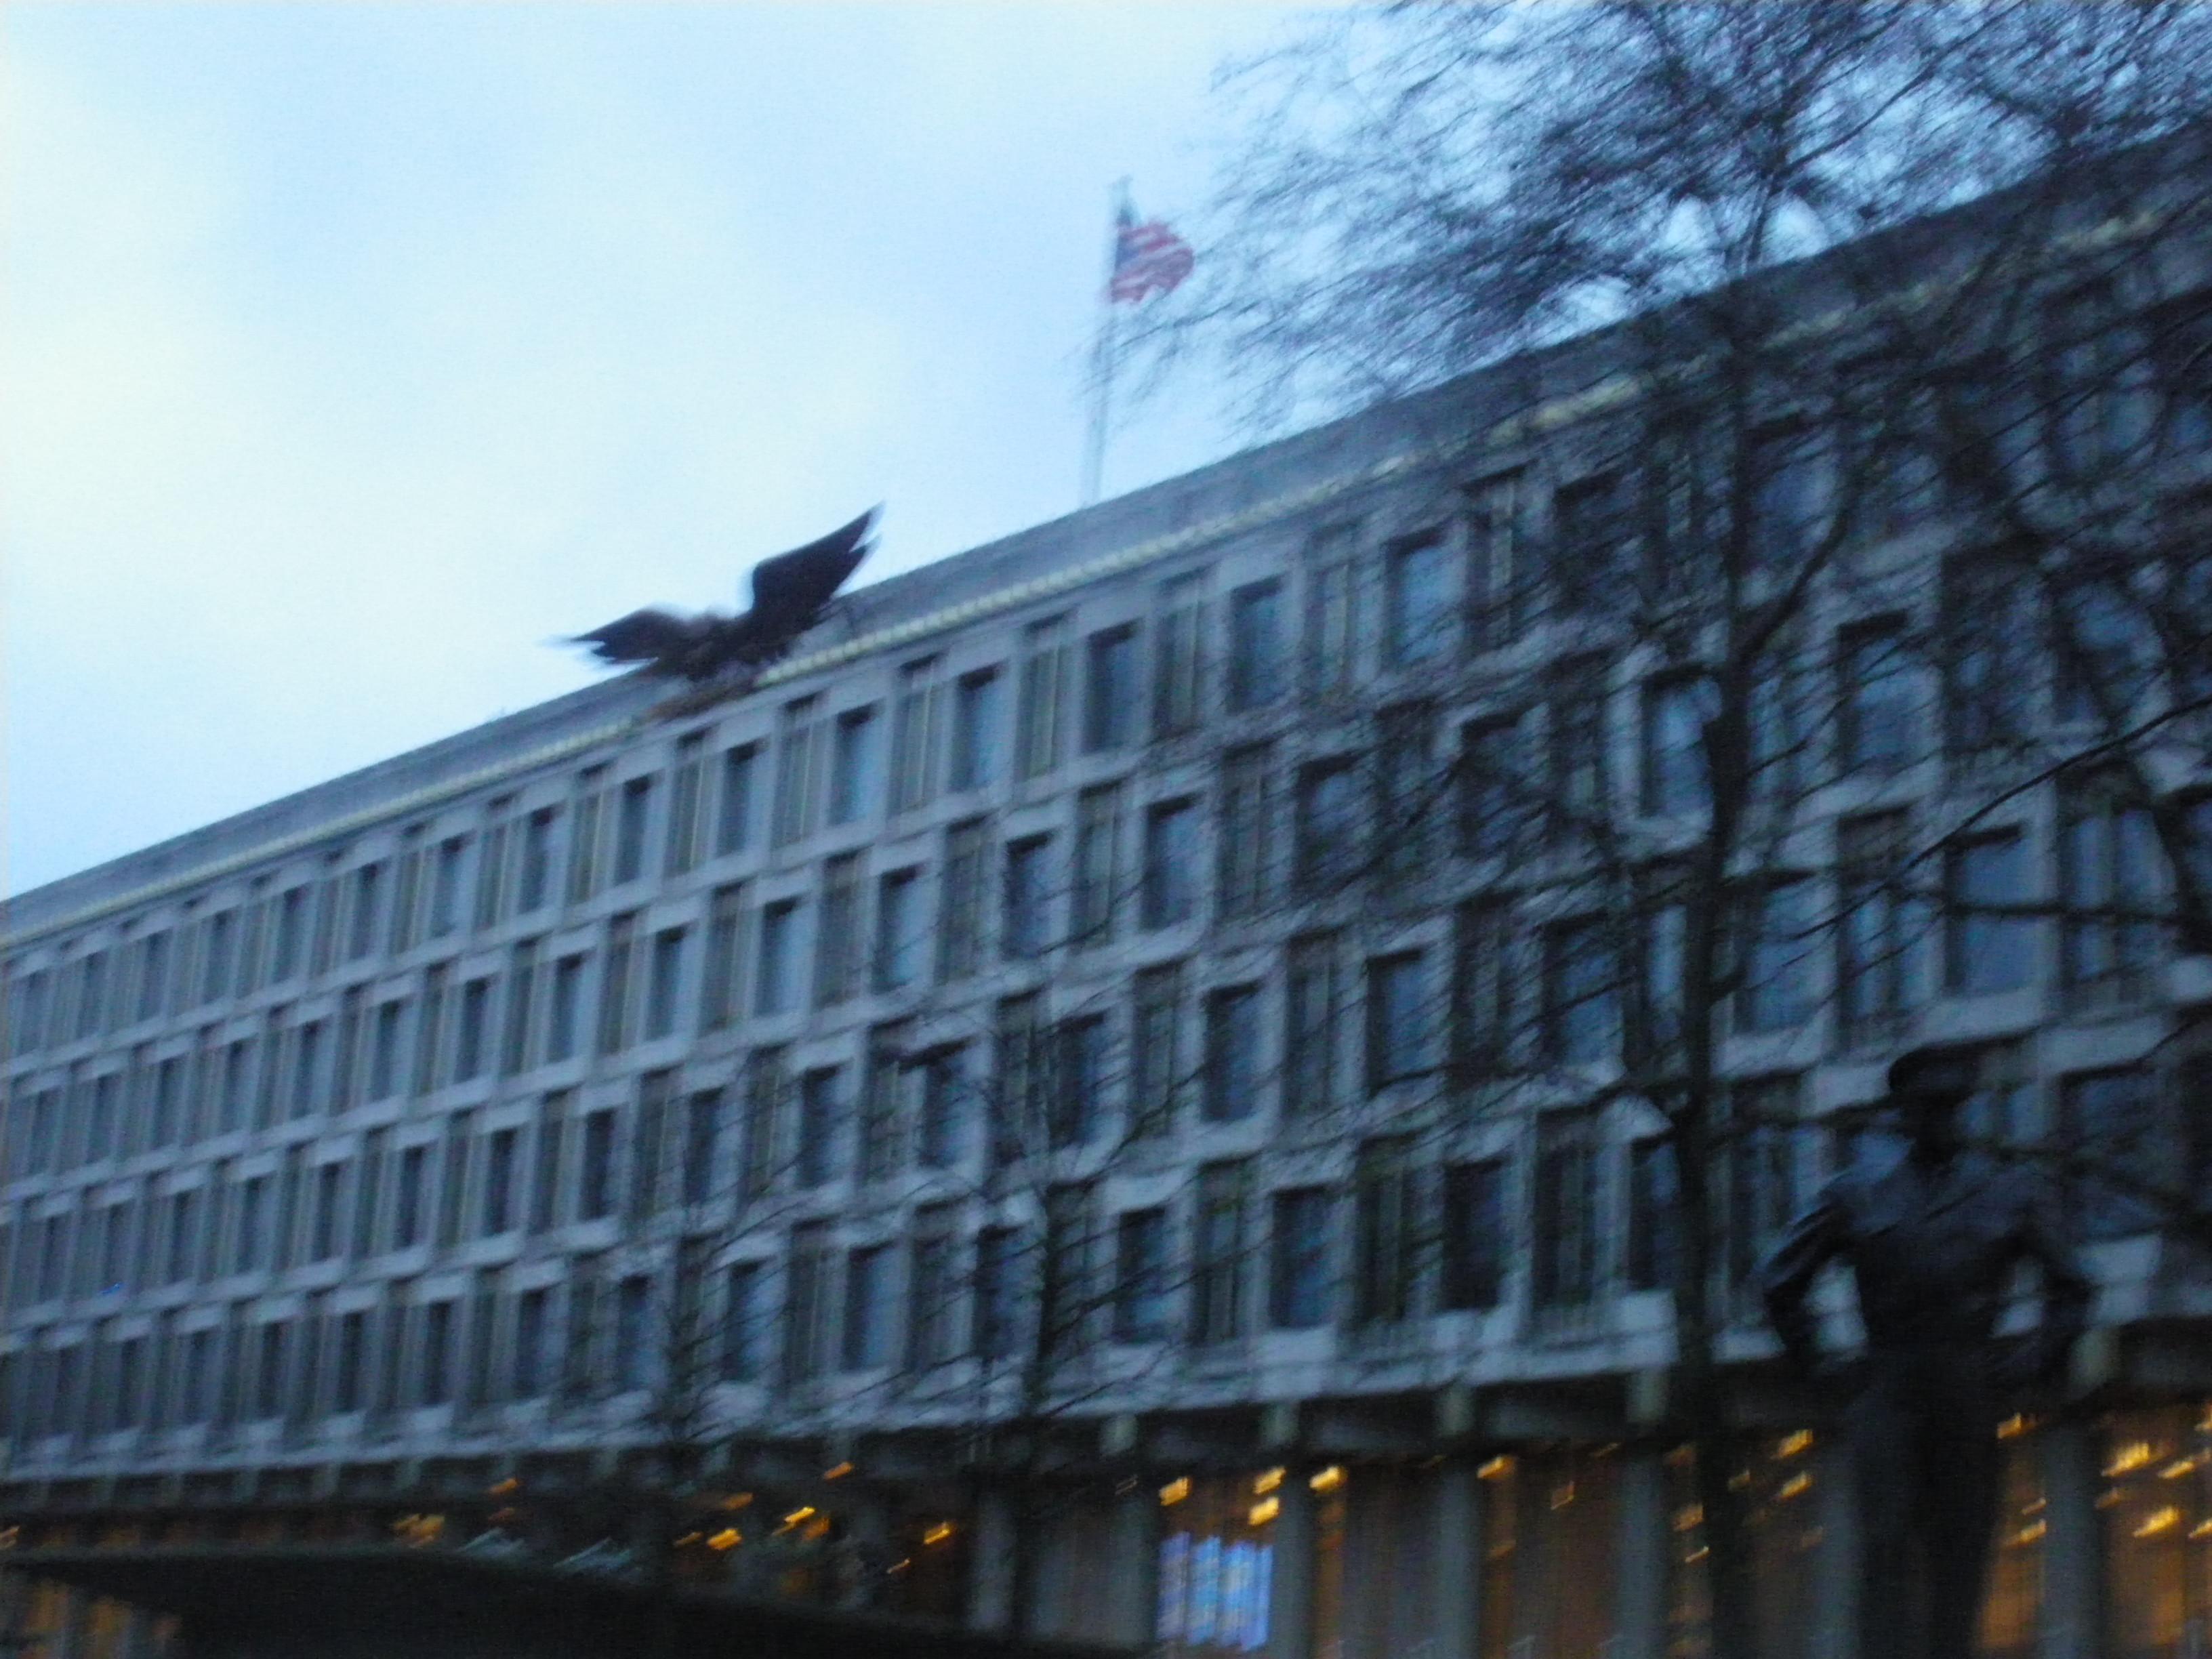 【7】コンサート会場のようなアメリカ大使館の建物